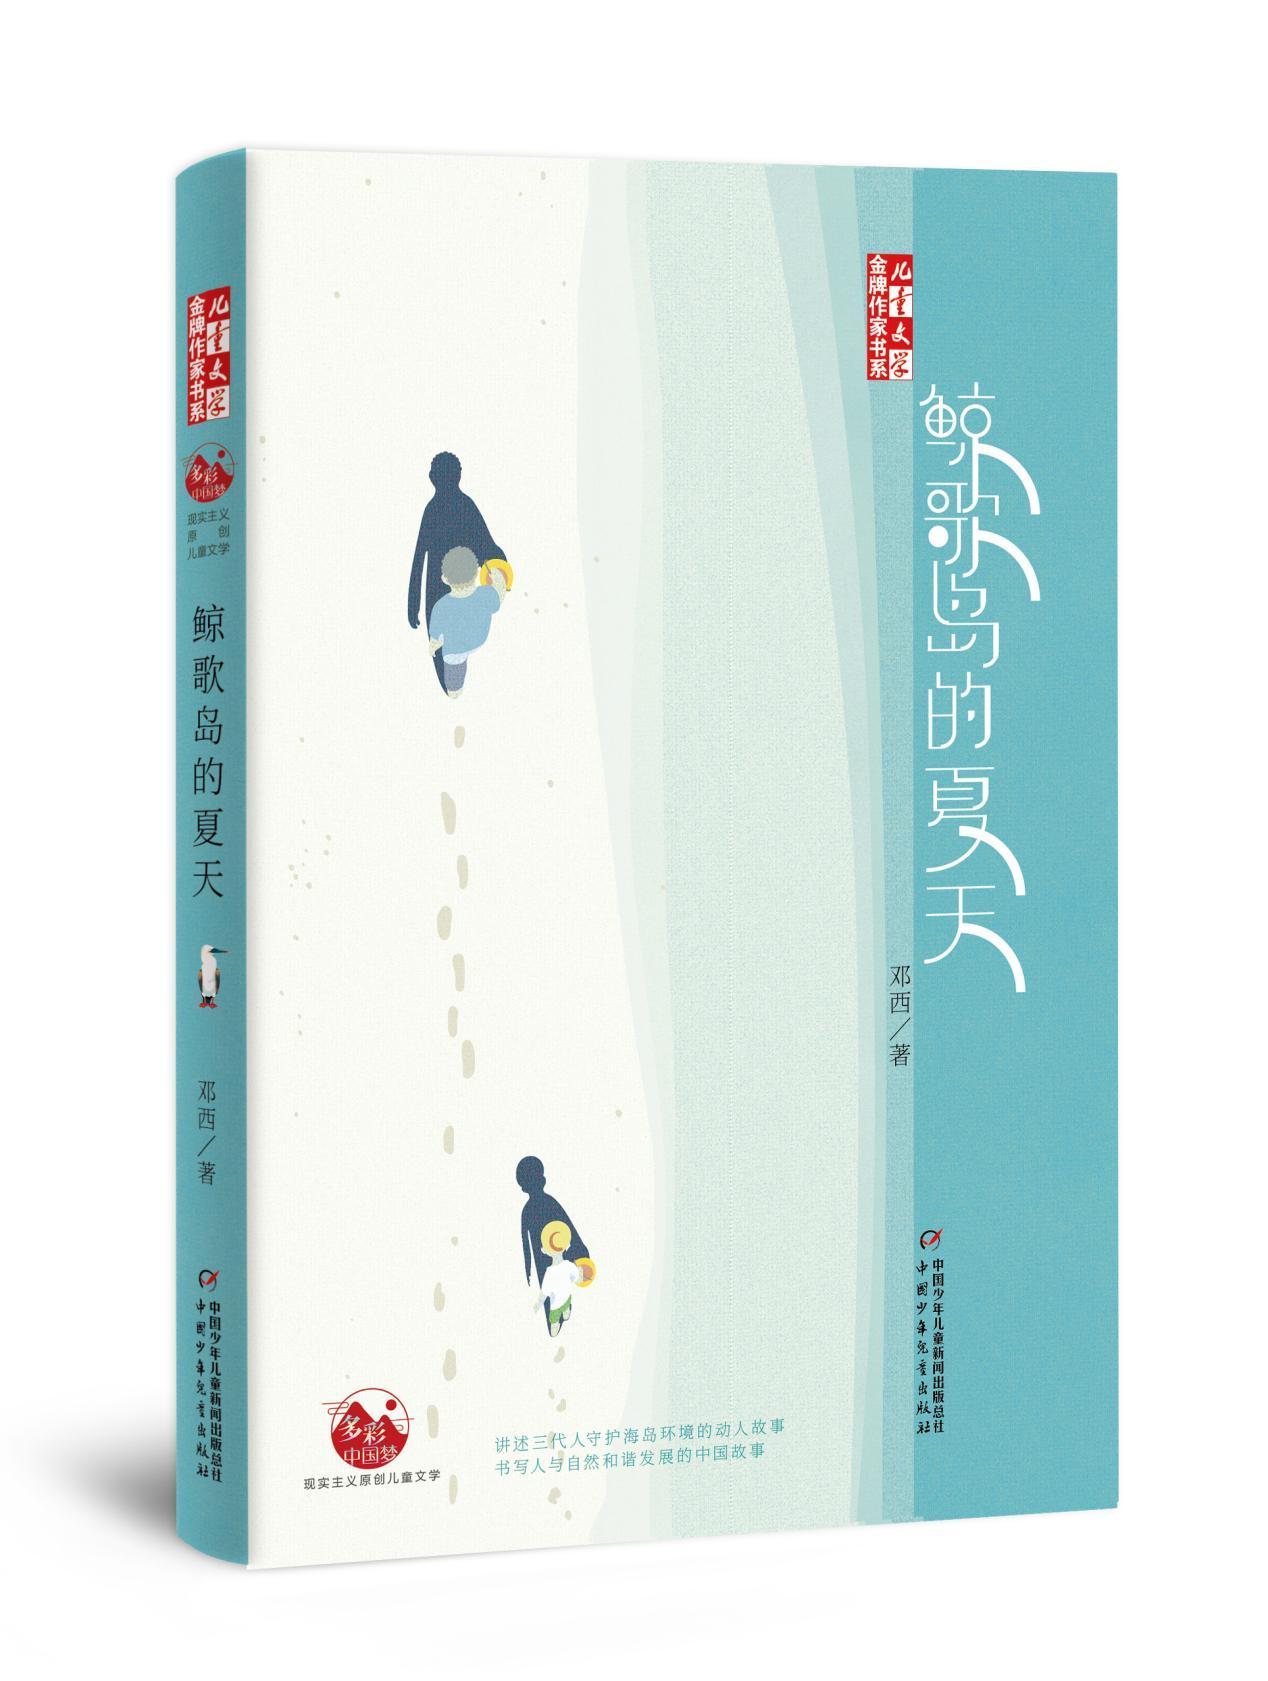 《鲸歌岛的夏天》由中少社出版,海南作家邓西以海南和西沙为原型展开一部疗愈之作